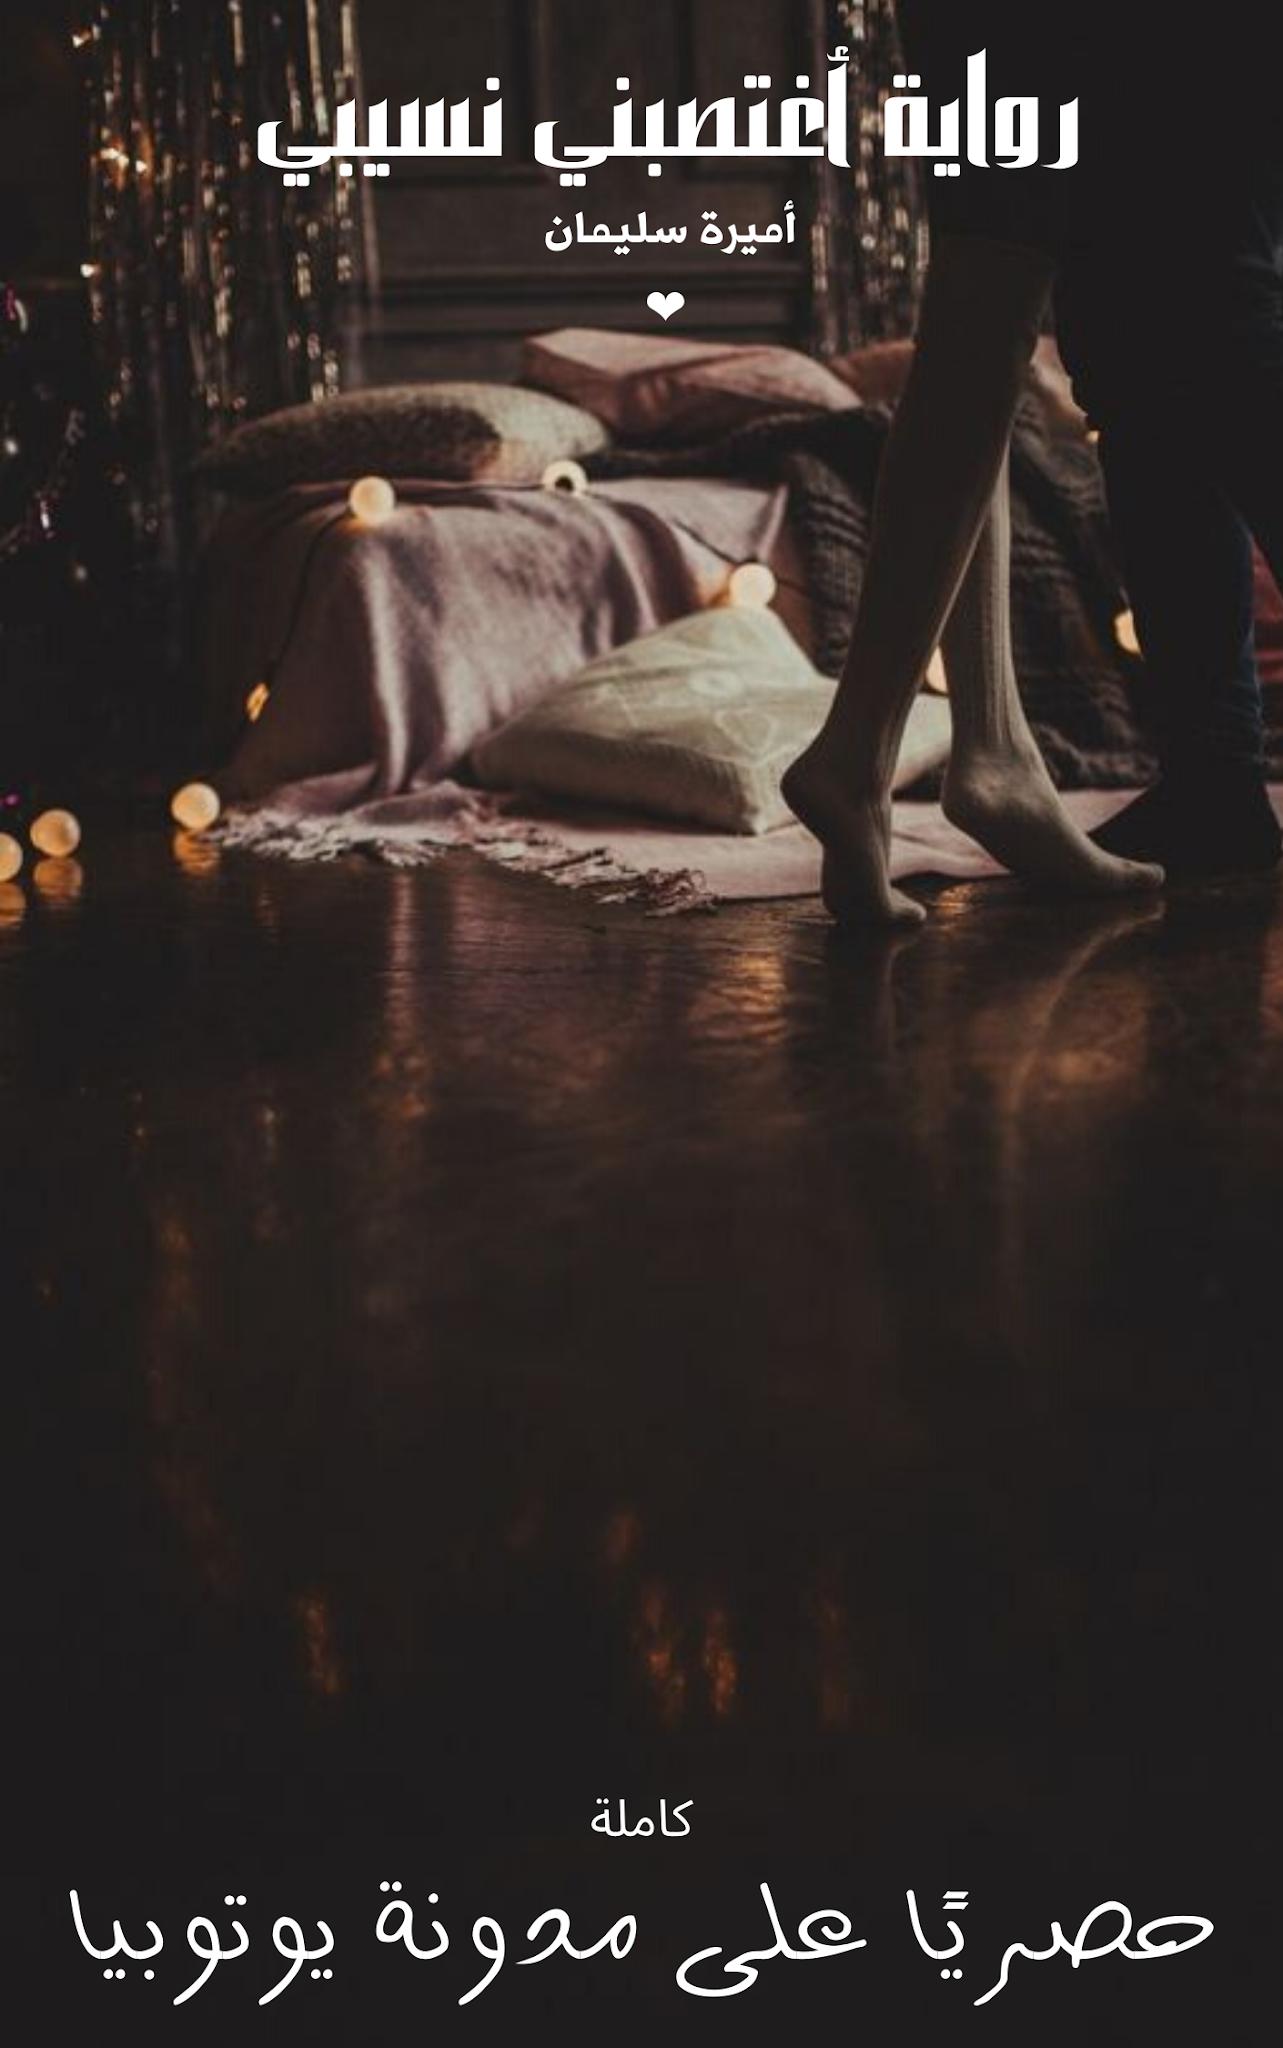 رواية اغتصبني نسيبي كاملة للقراءة والتحميل Pdf بقلم أميرة سليمان لقراءة المزيد من الروايات الليبه اضغط هنا لقراءة ال Movie Posters Movies Poster